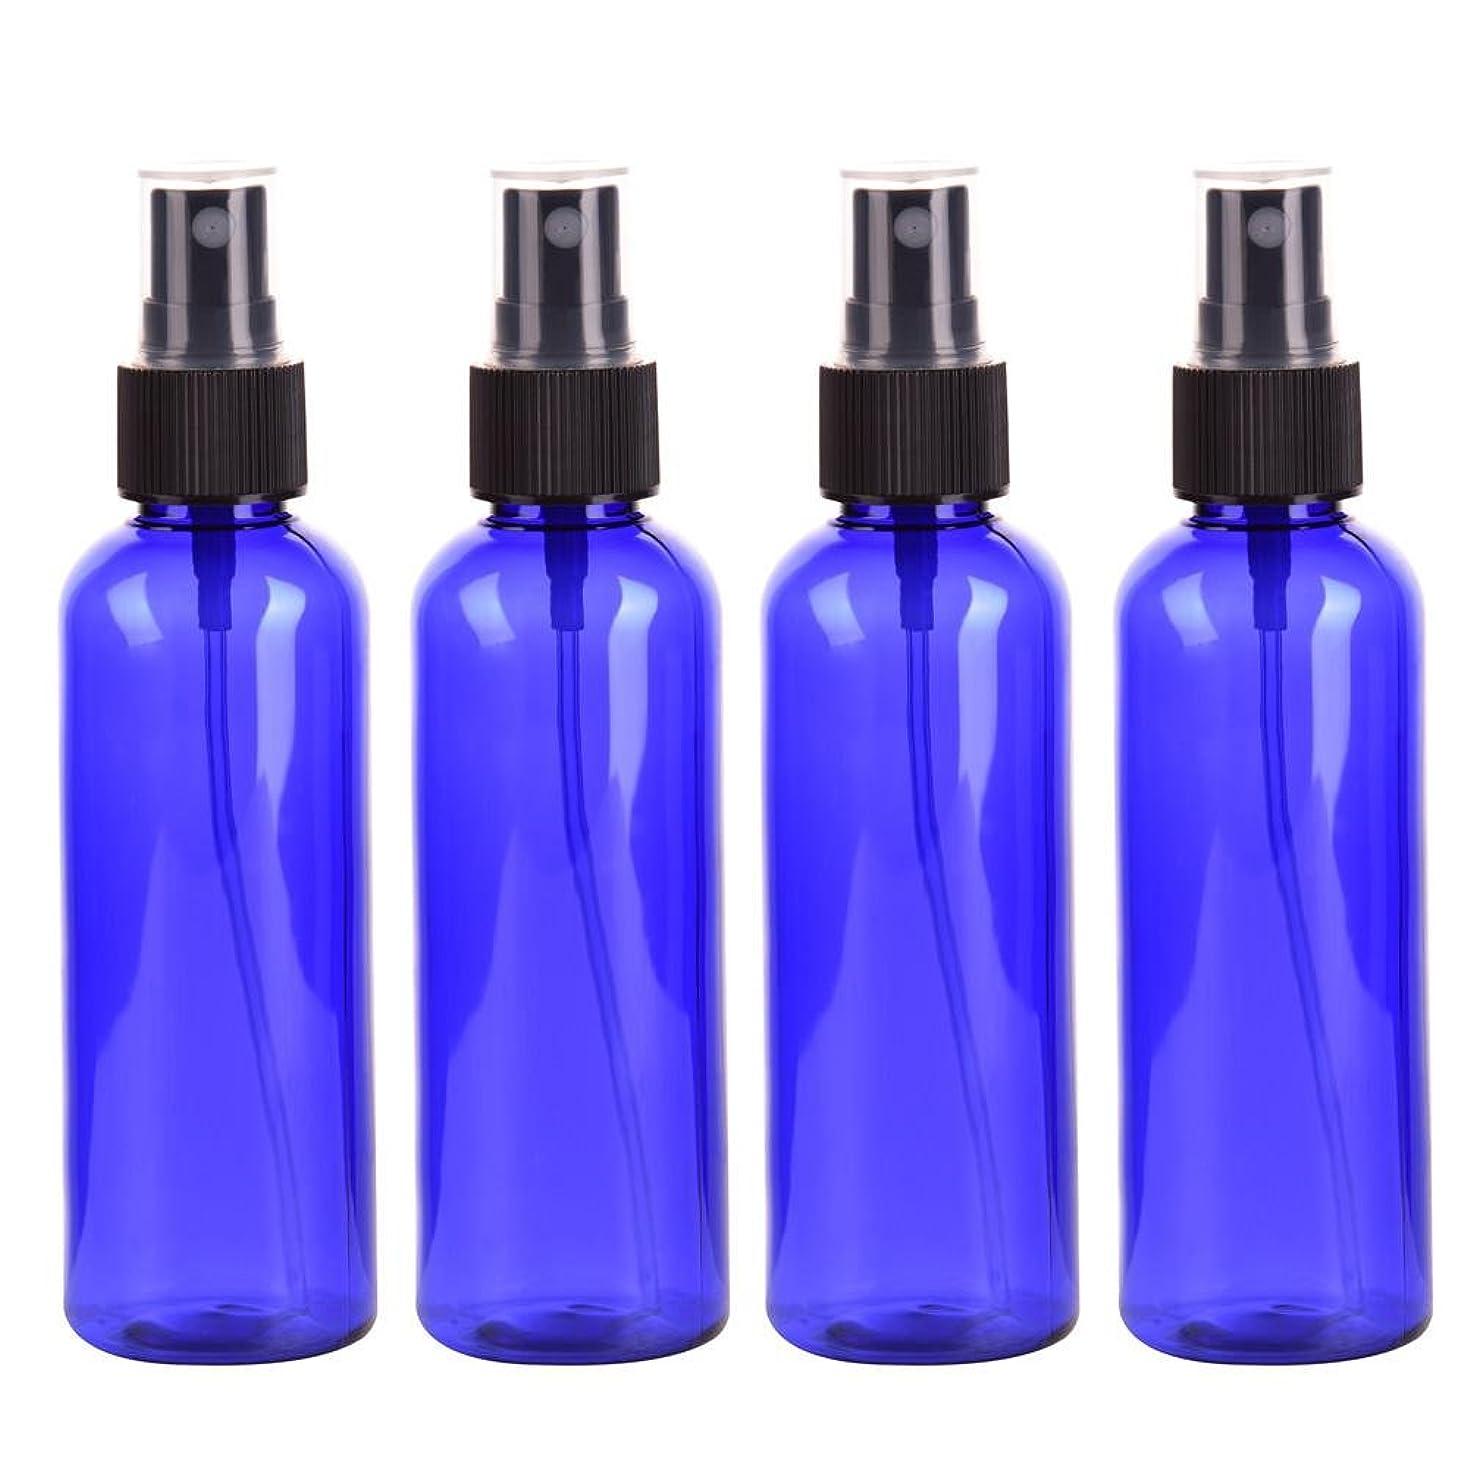 はっきりしないモーション瞑想的【Cheng-store】100mlスプレーボトル 微細ミストプラスチックボトル 化粧液容器 化粧品サブボトルサンプルボトル(4pcs)